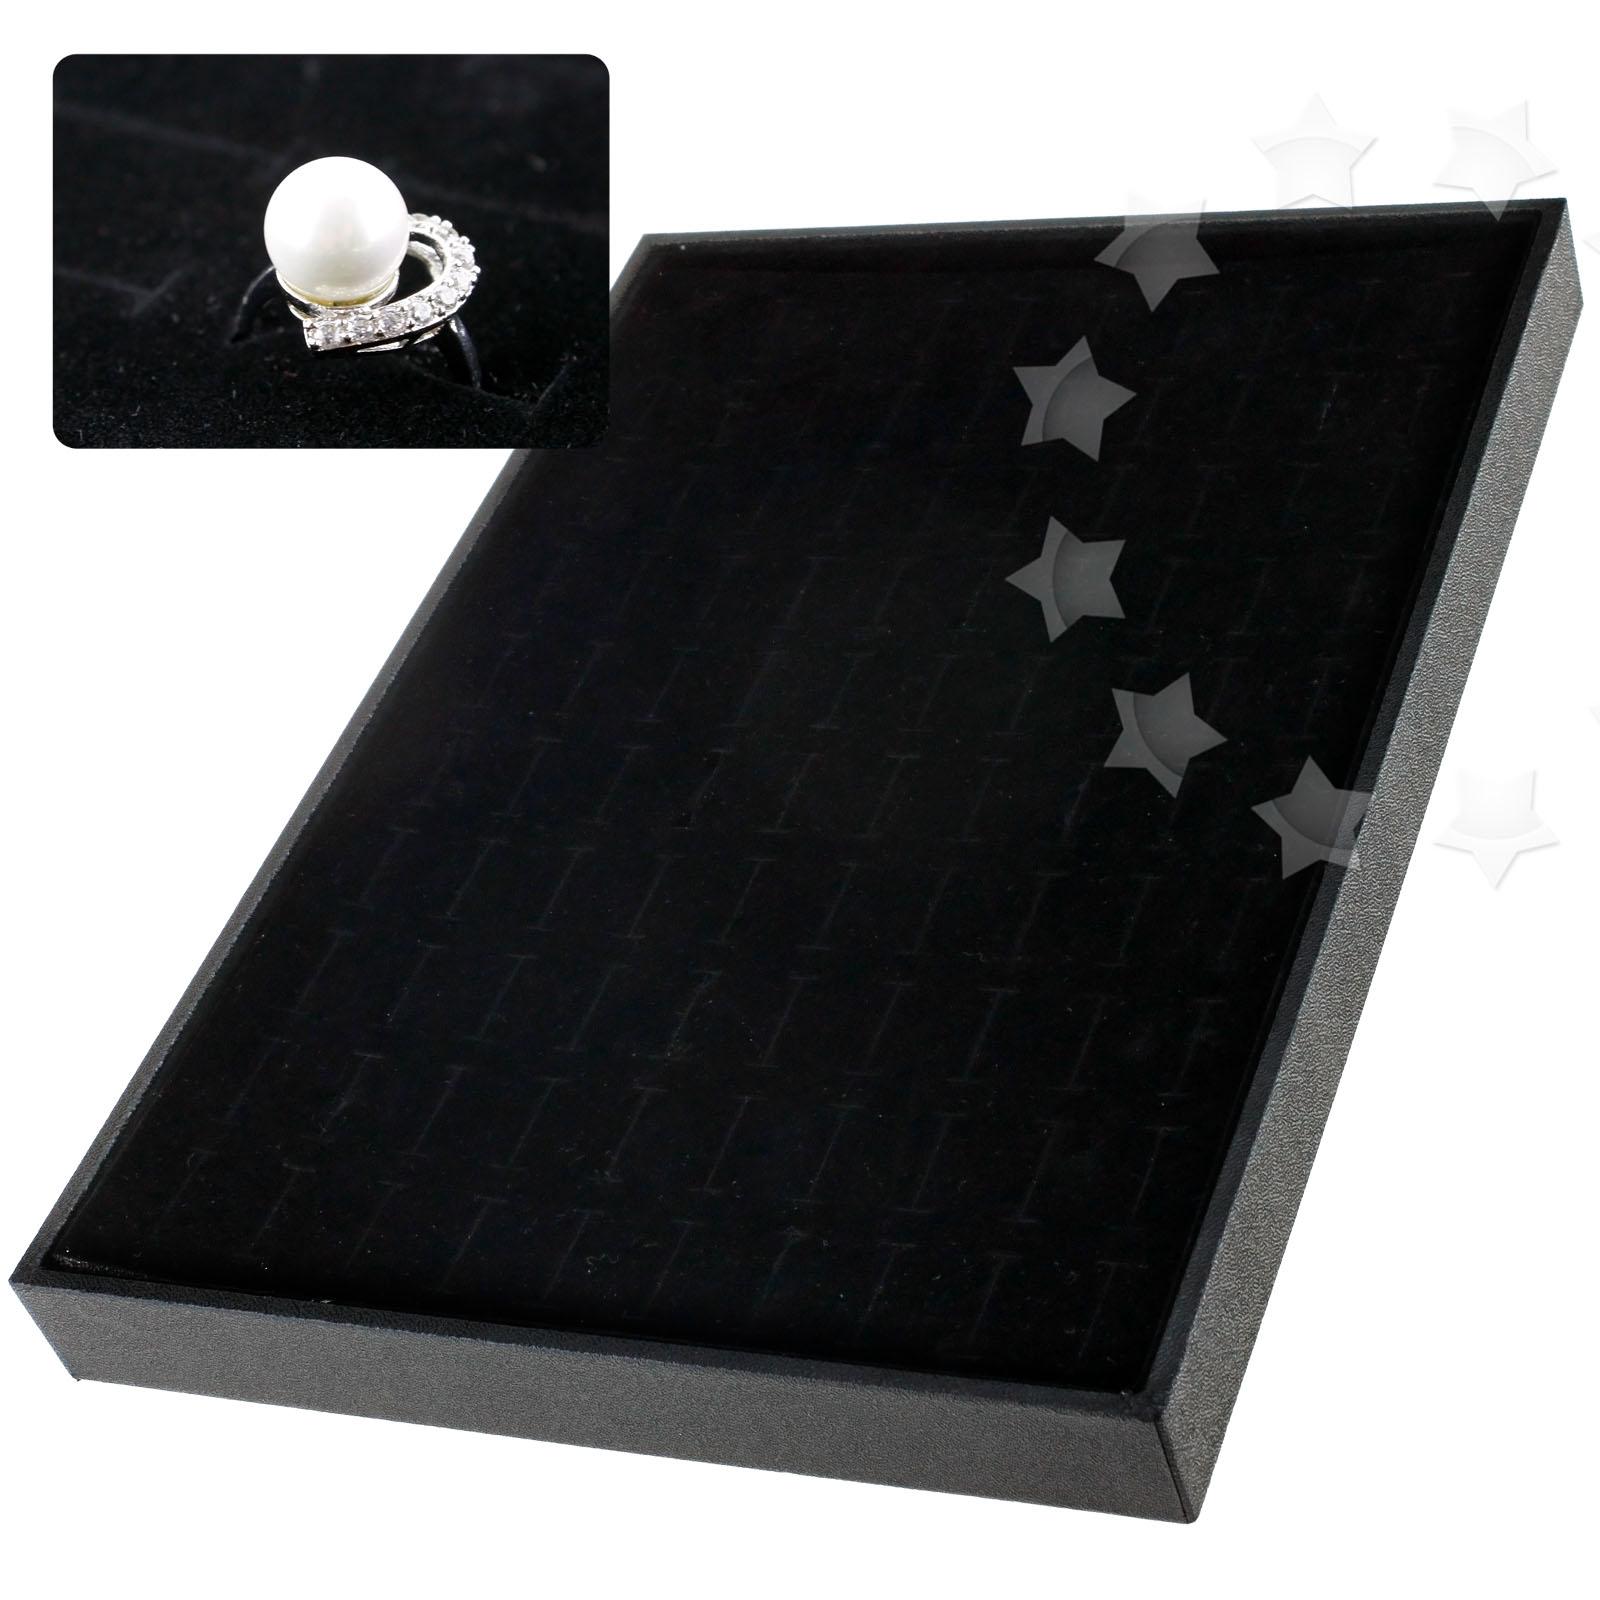 100 slots velvet jewelry rings earrings display tray case for Velvet jewelry organizer trays